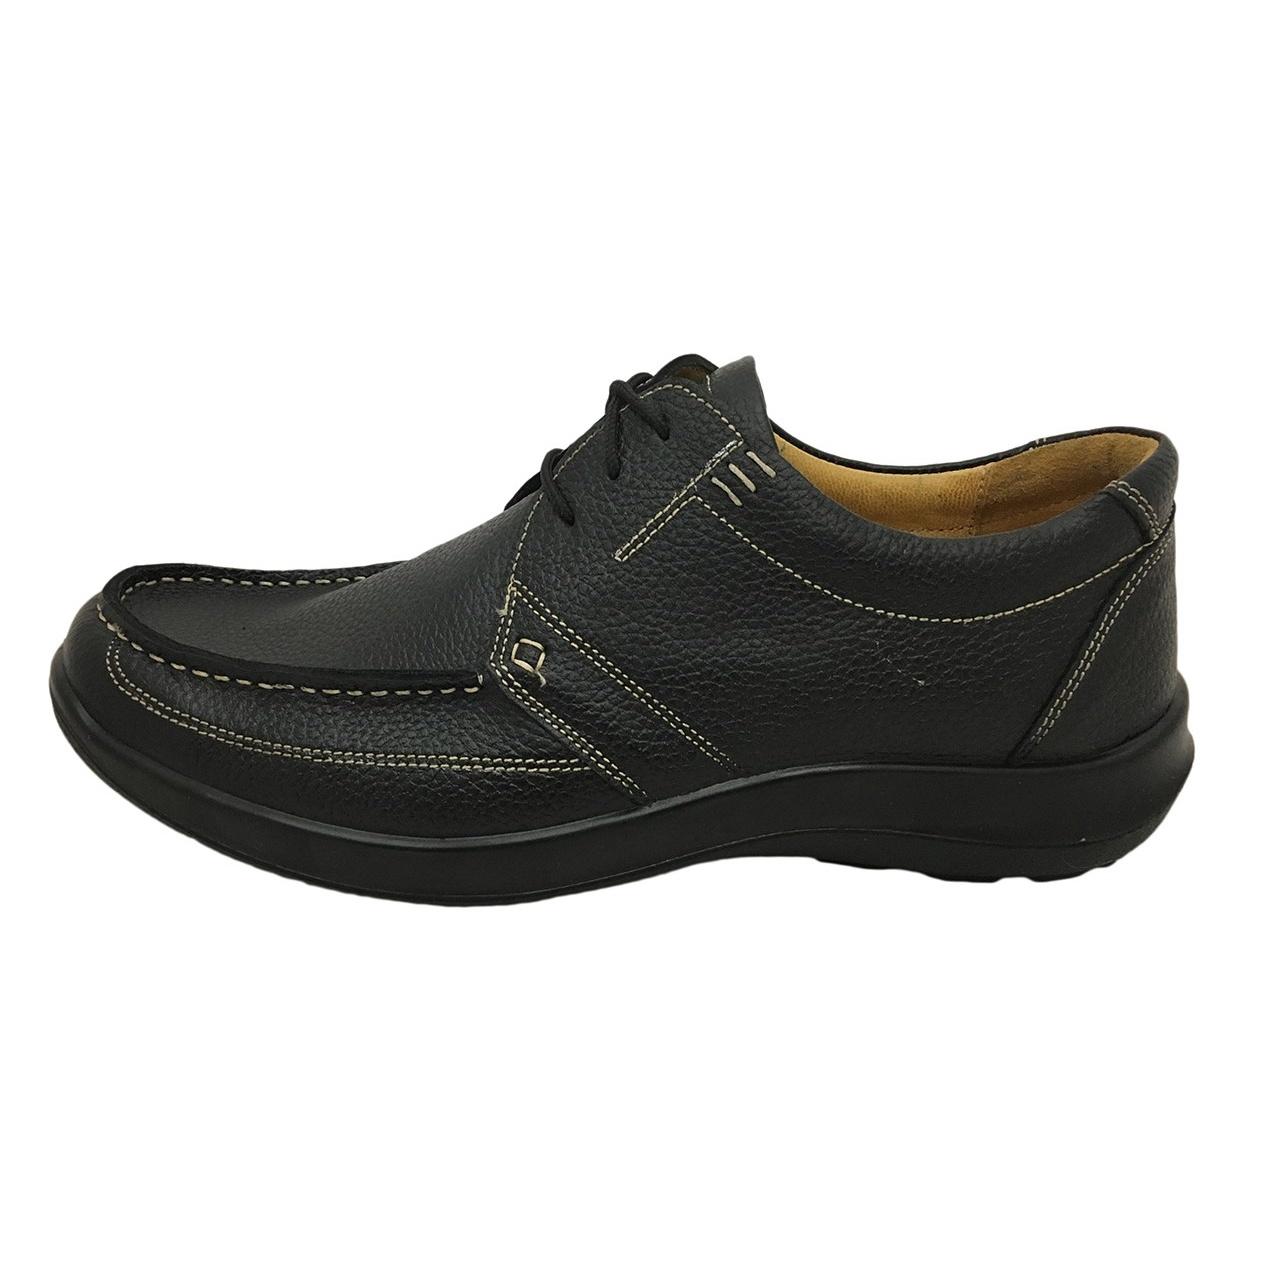 کفش روزمره مردانه البرز کد 1148